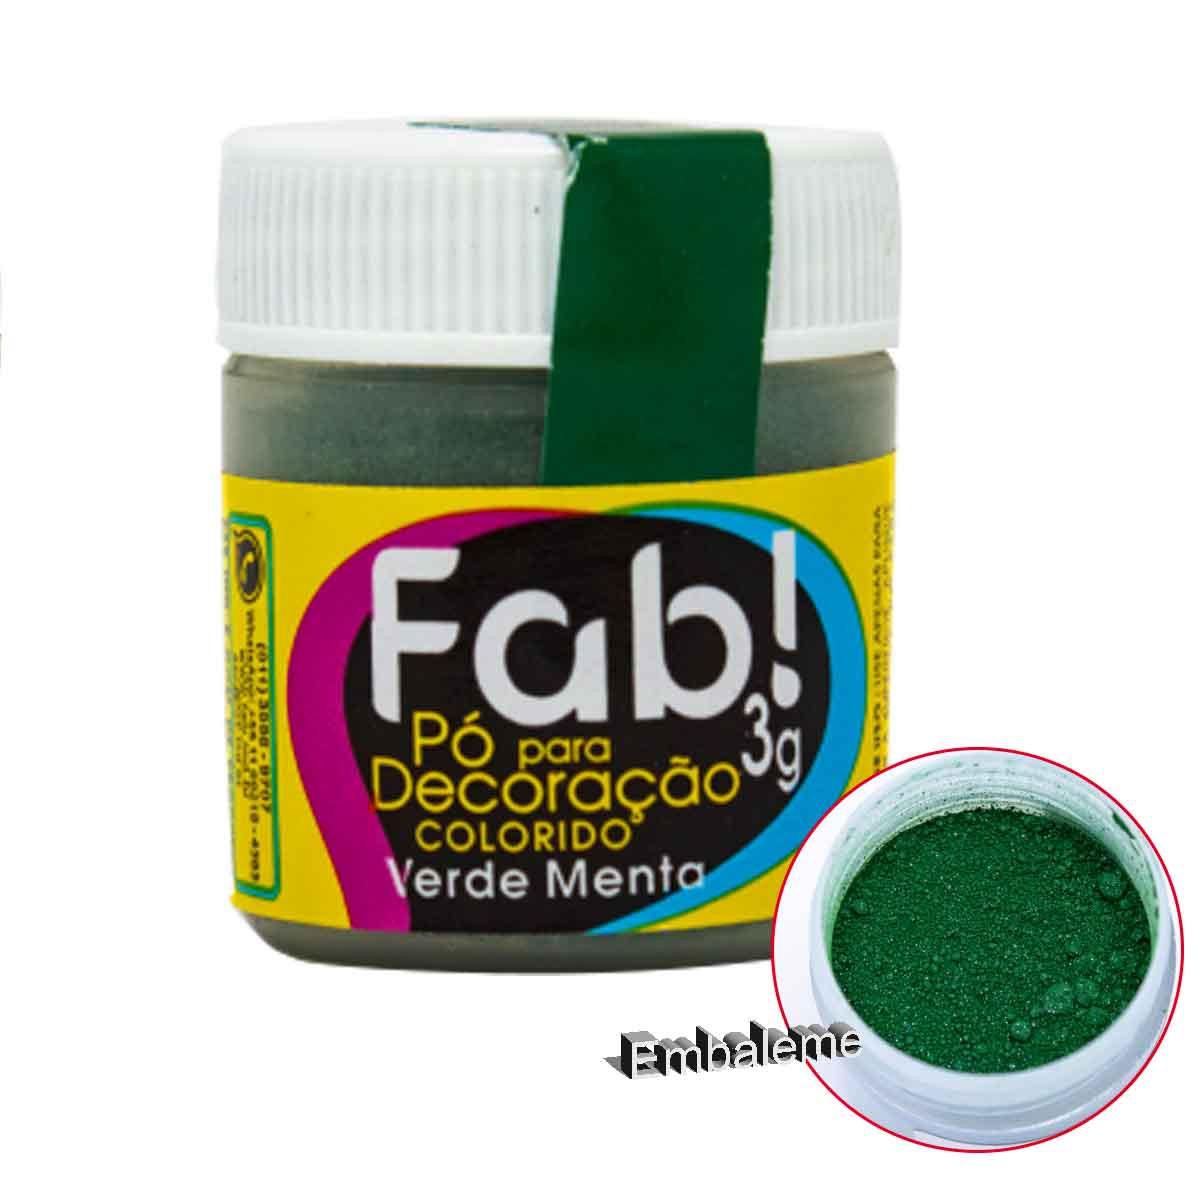 Pó para Decoração Verde Menta 3g FAB